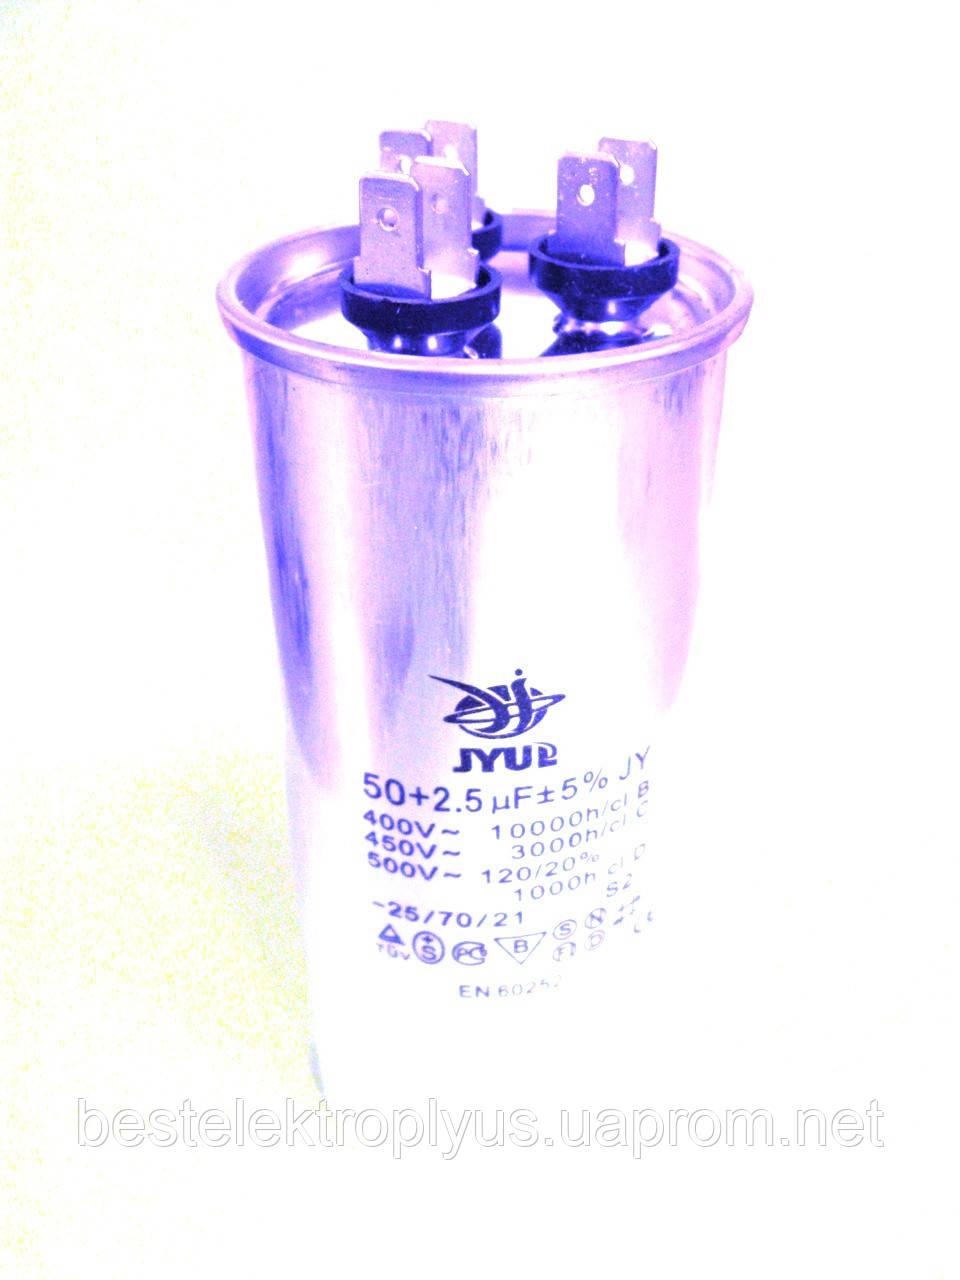 Конденсатор СВВ-65 (50+2,5) мкф  450 В     Для кондиционеров